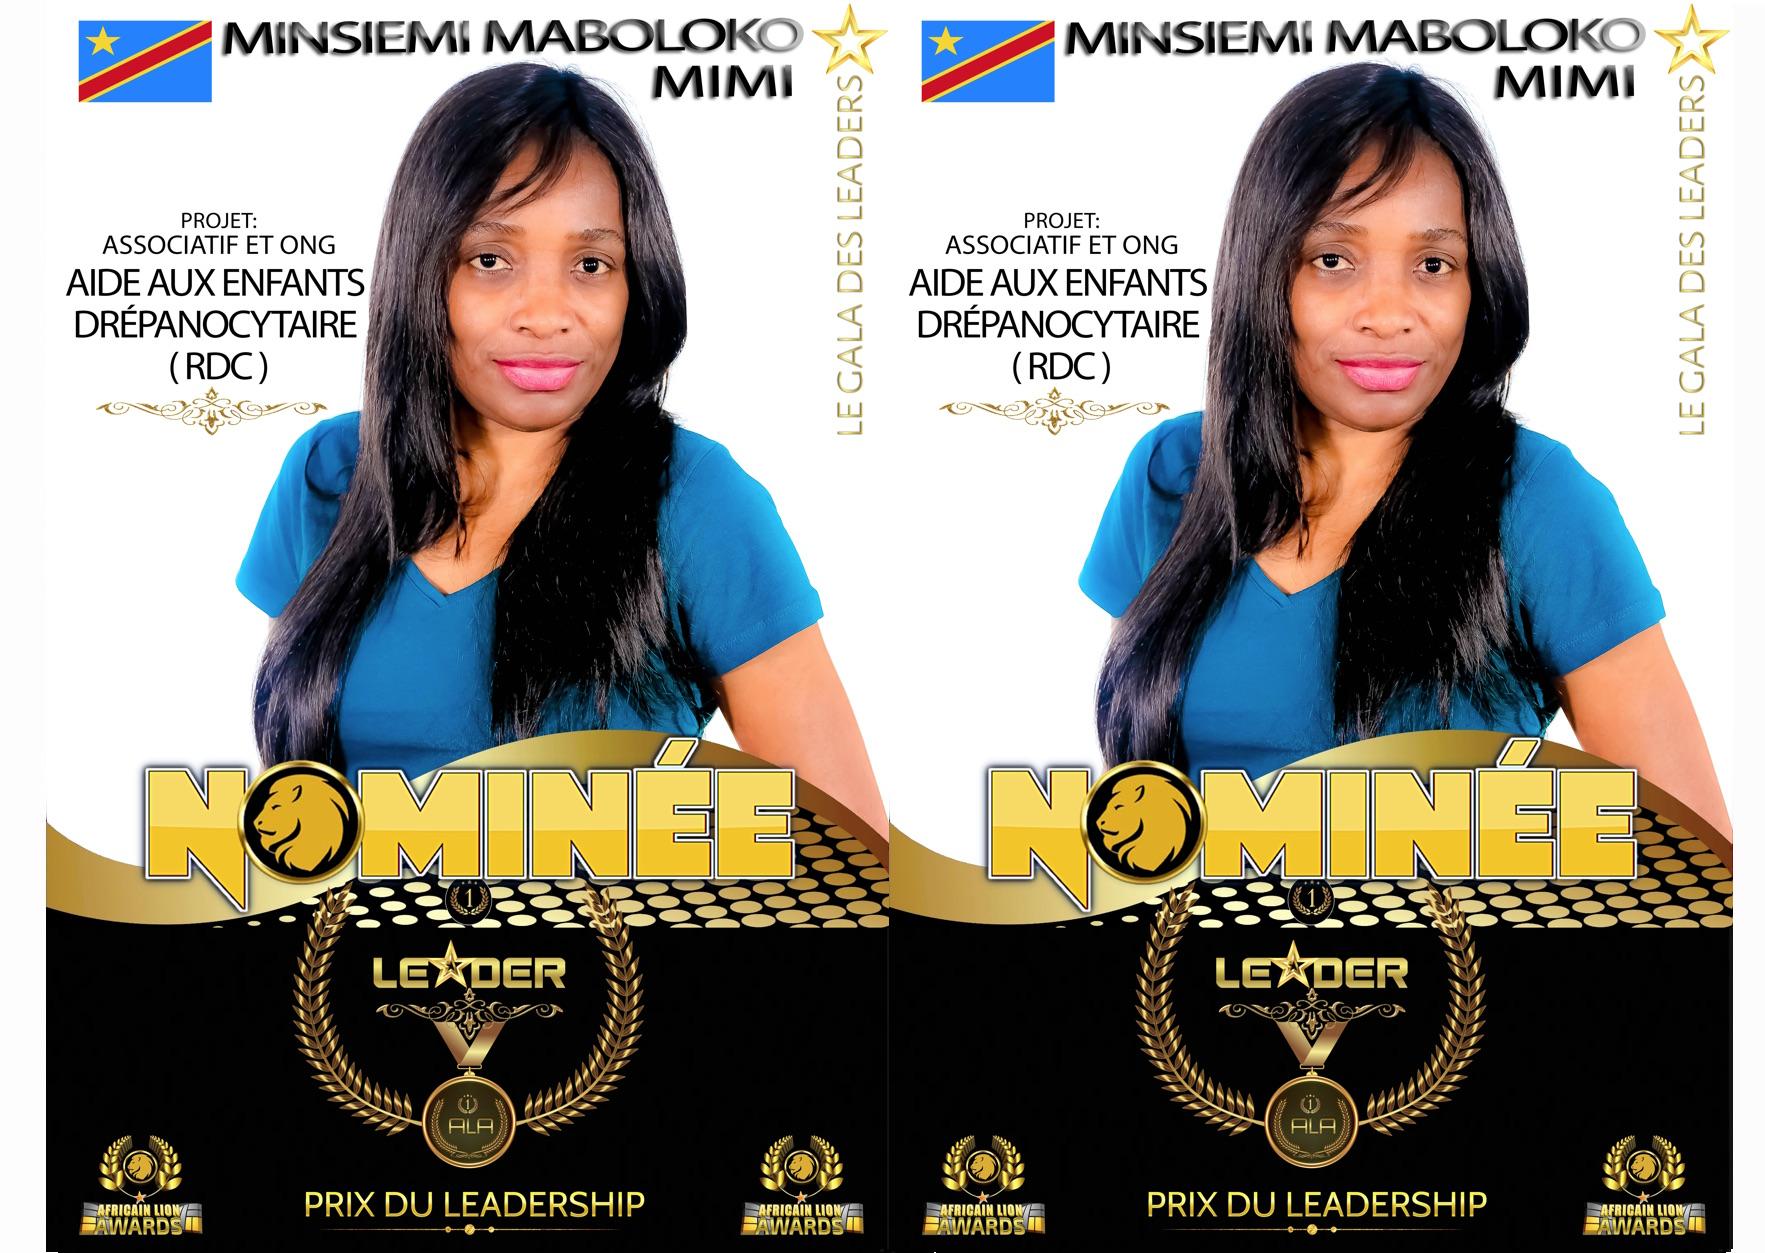 #ALA2019 | Nominée : Mimi MINSIEMI MABOLOKO | Projet : Aide aux enfants Drépanocytaires (RDC) | Prix du leadership | Catégorie : Associatif & ONG